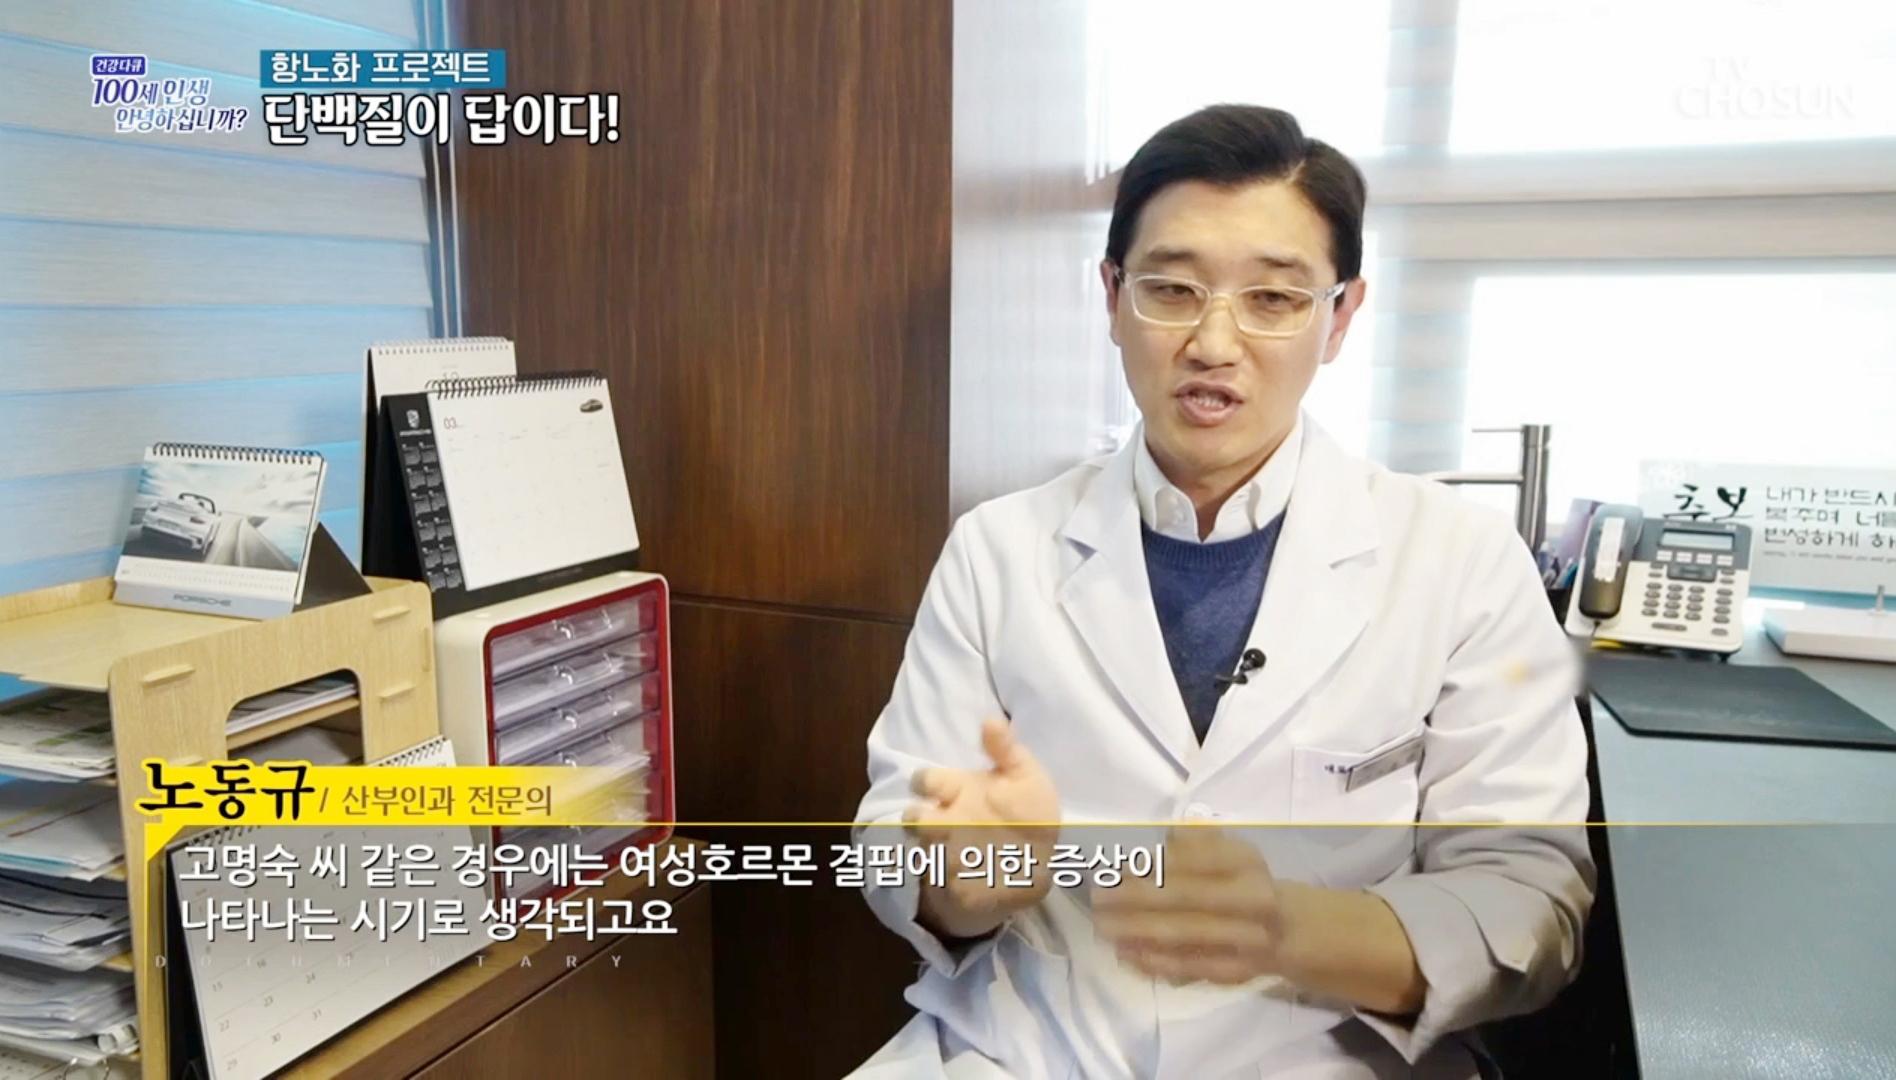 TV조선 건강다큐 [산부인과 주치의] 노동규 원장님 출연!